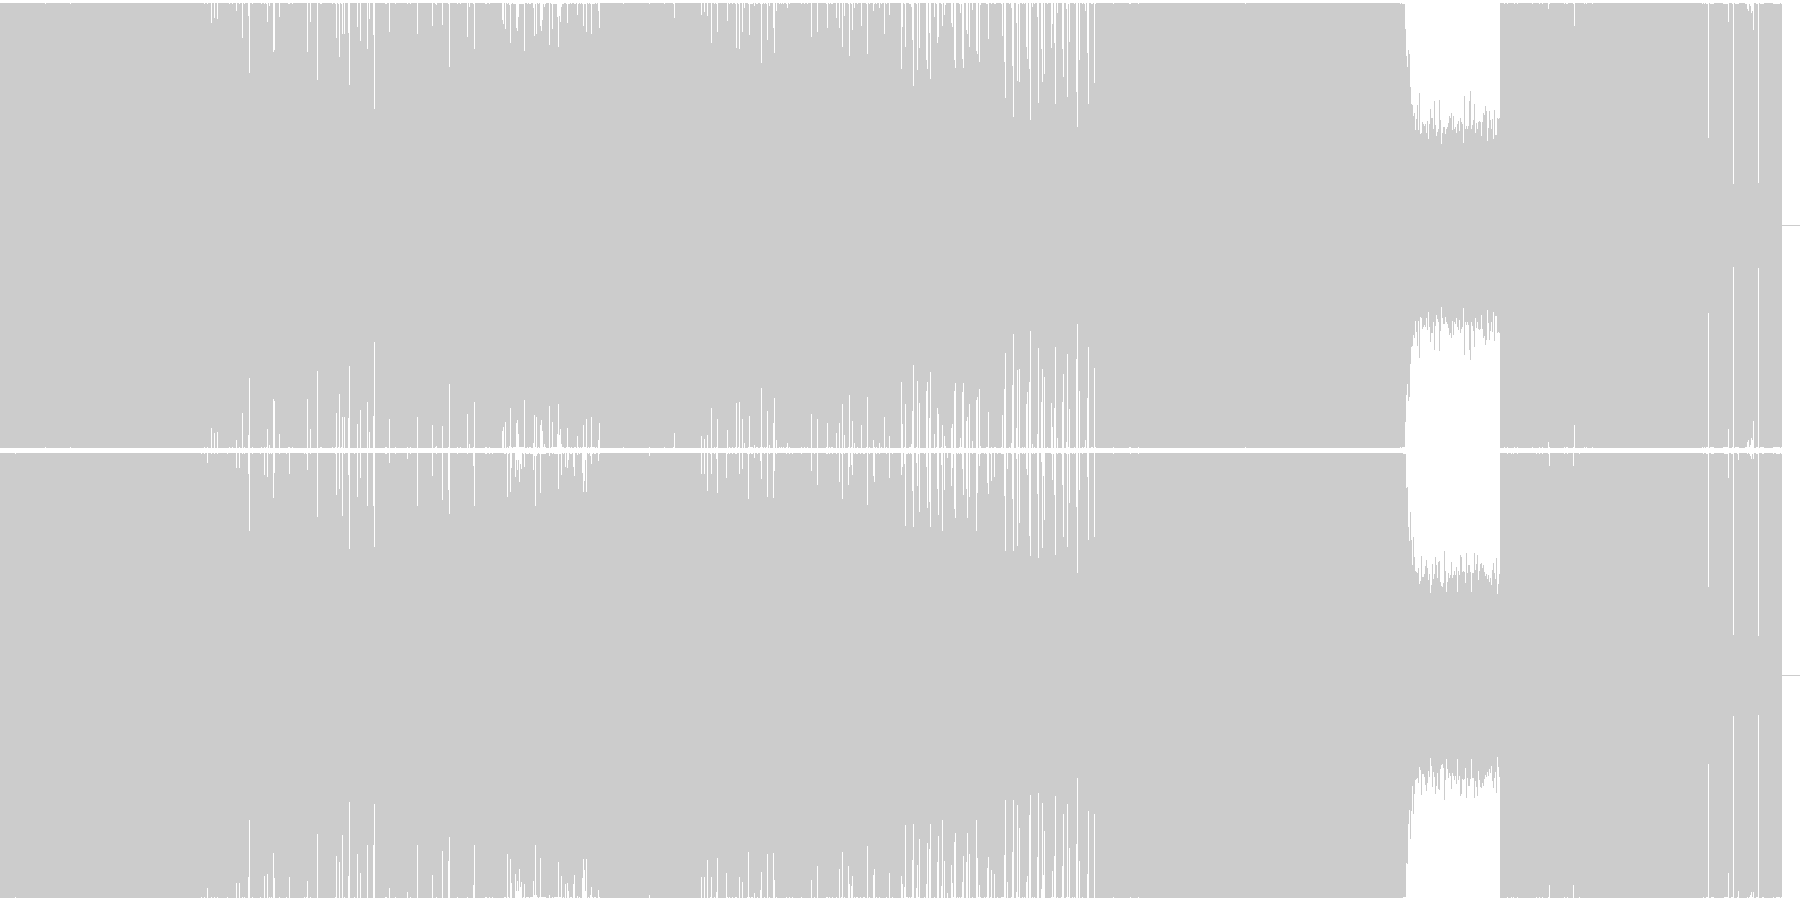 ノイジーでポップなデジタル・ロックの未再生の波形